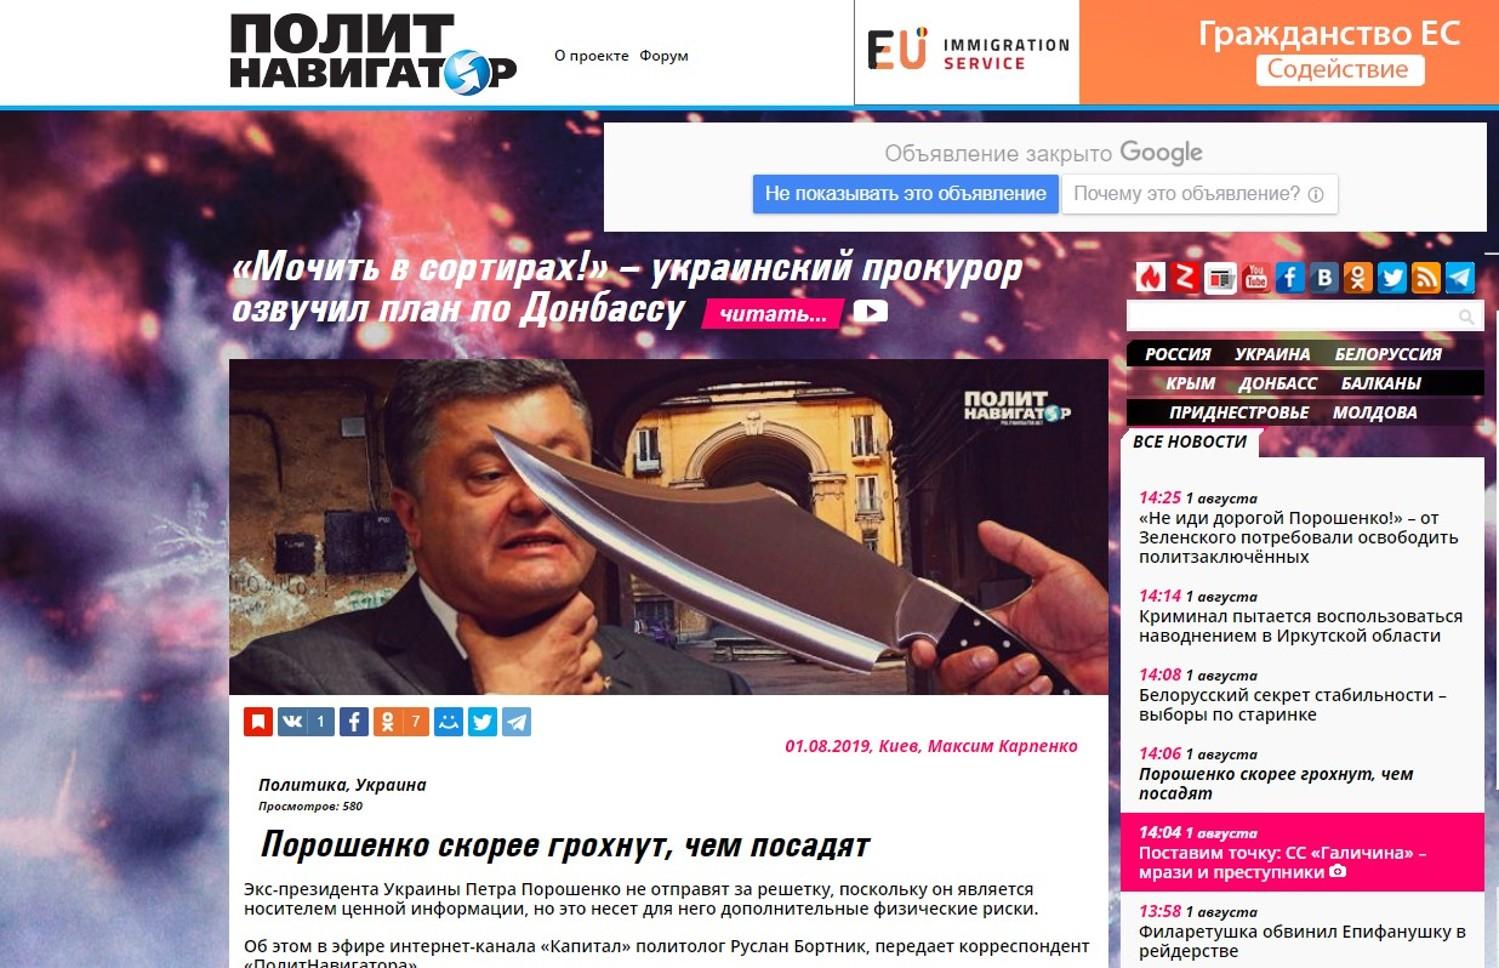 Скриншот с сайта Politnavigator